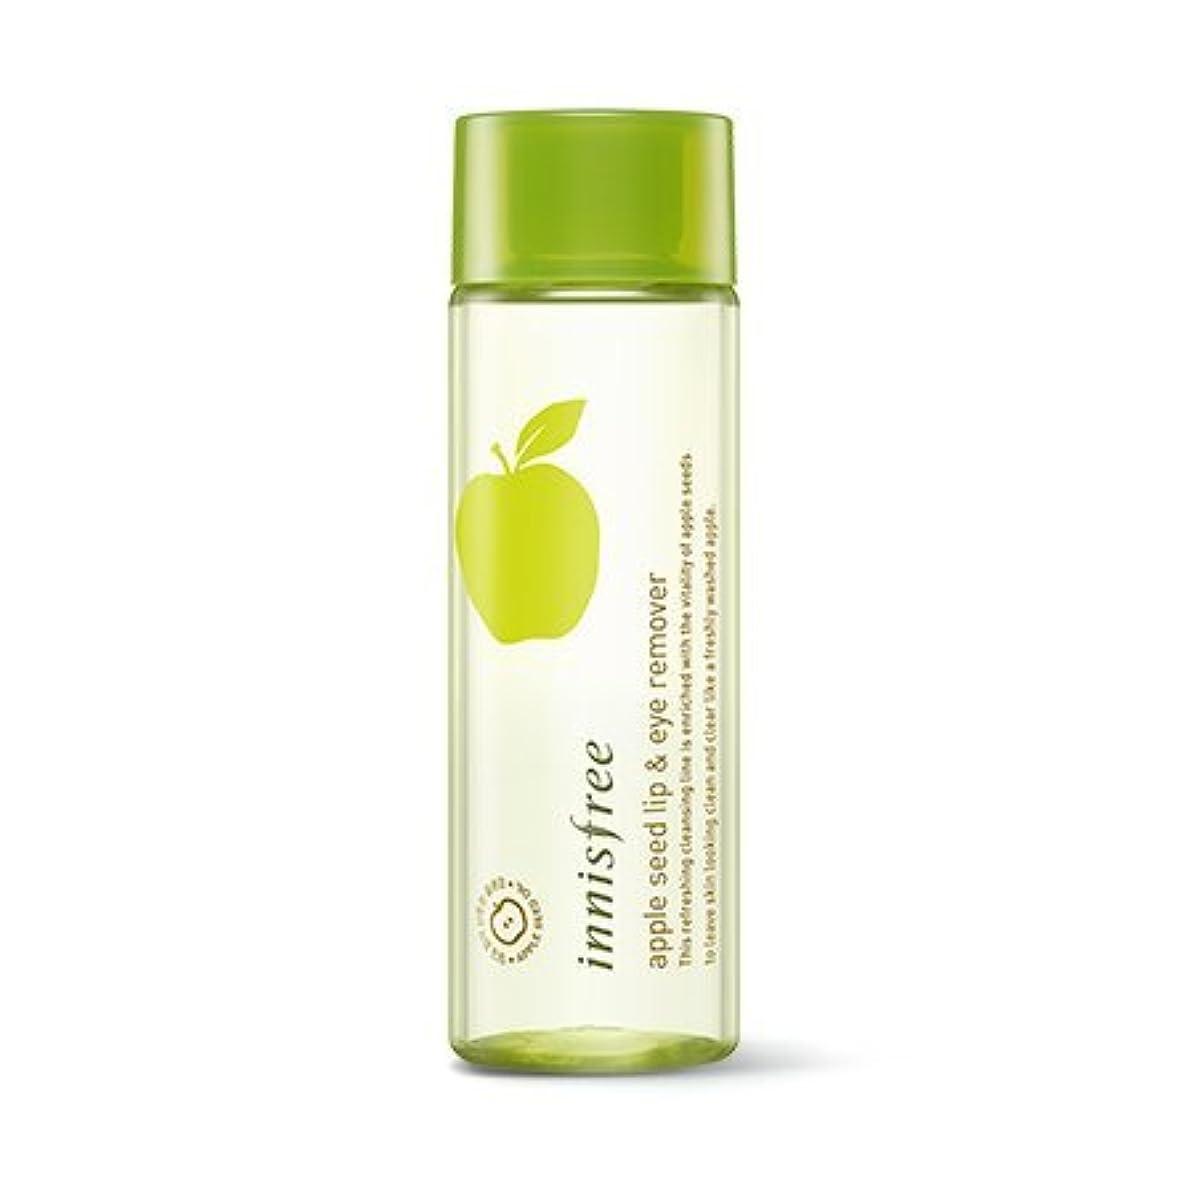 用心縮約周り[New] innisfree Apple Seed Lip & Eye Remover 100ml/イニスフリー アップル シード リップ&アイ リムーバー 100ml